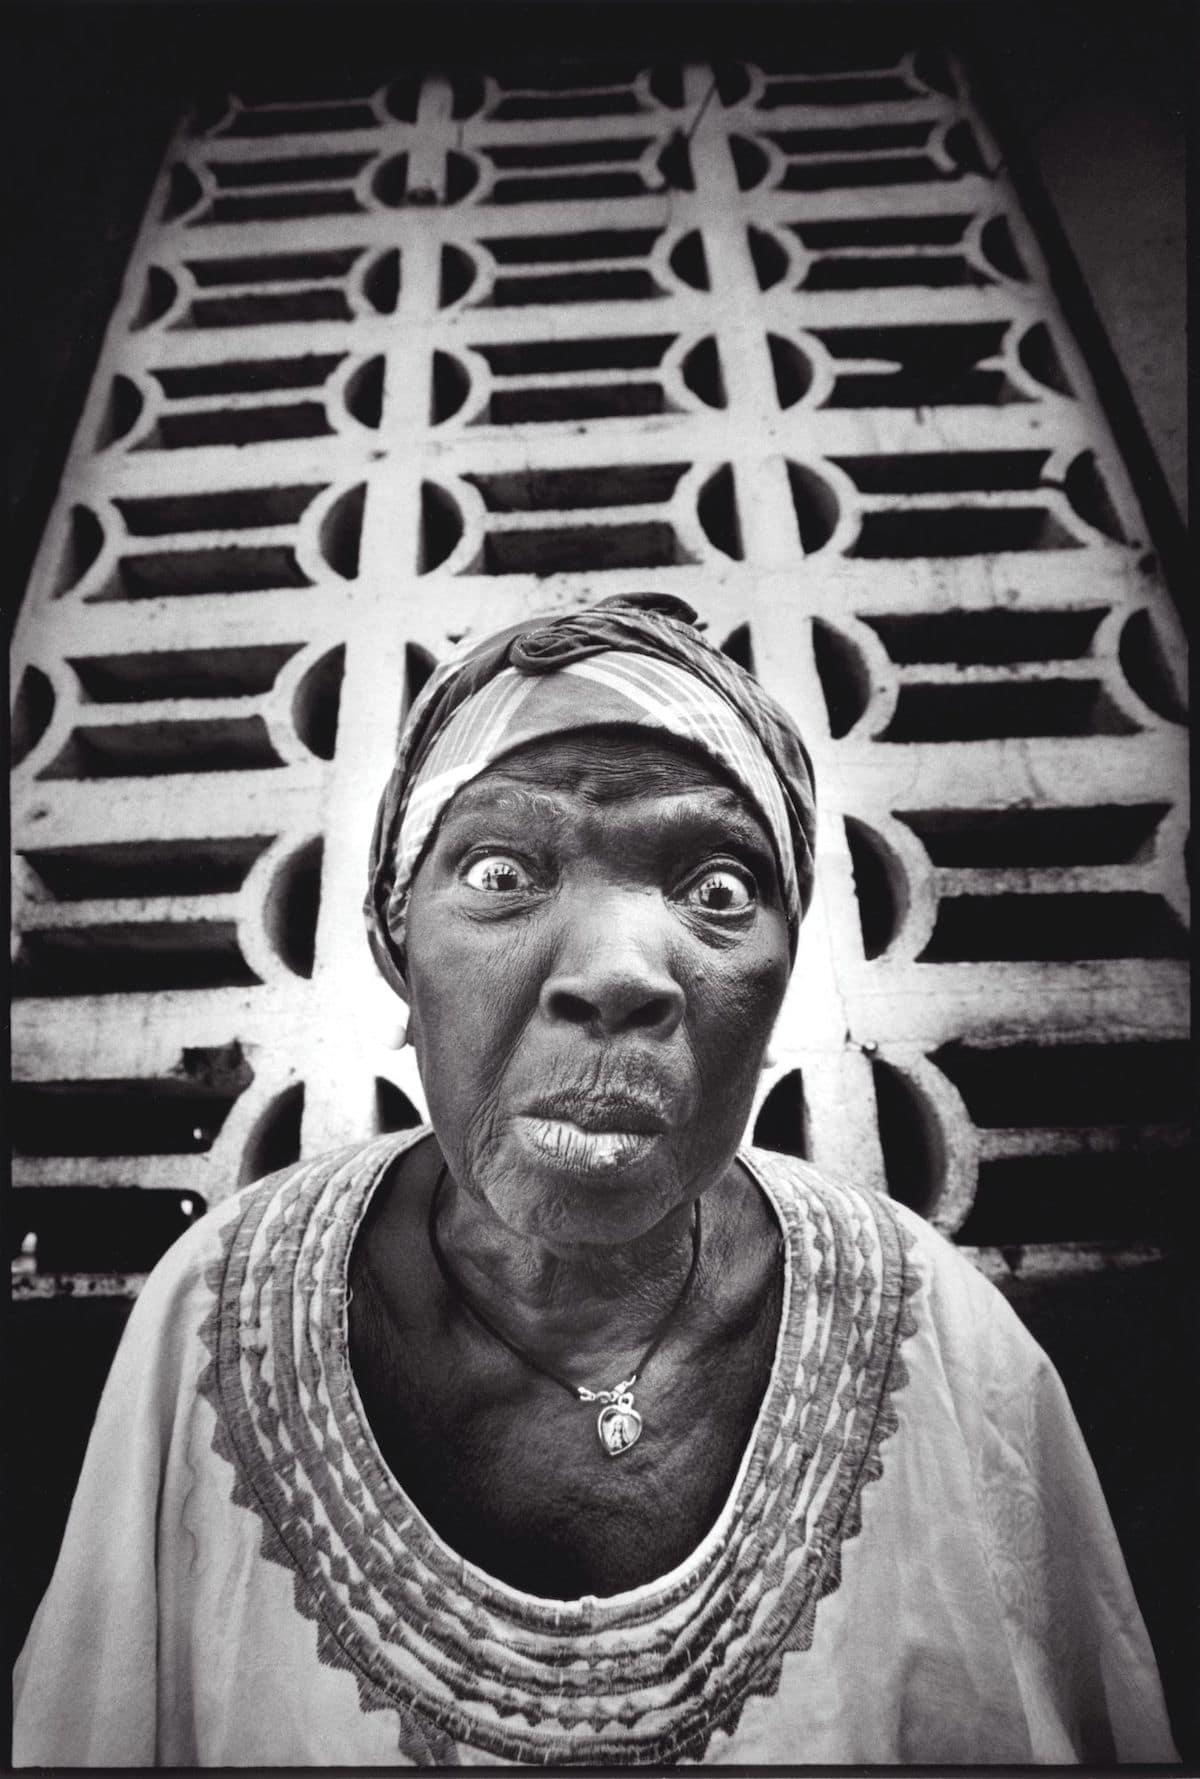 Retrato de una mujer en Liberia por el artista callejero JR